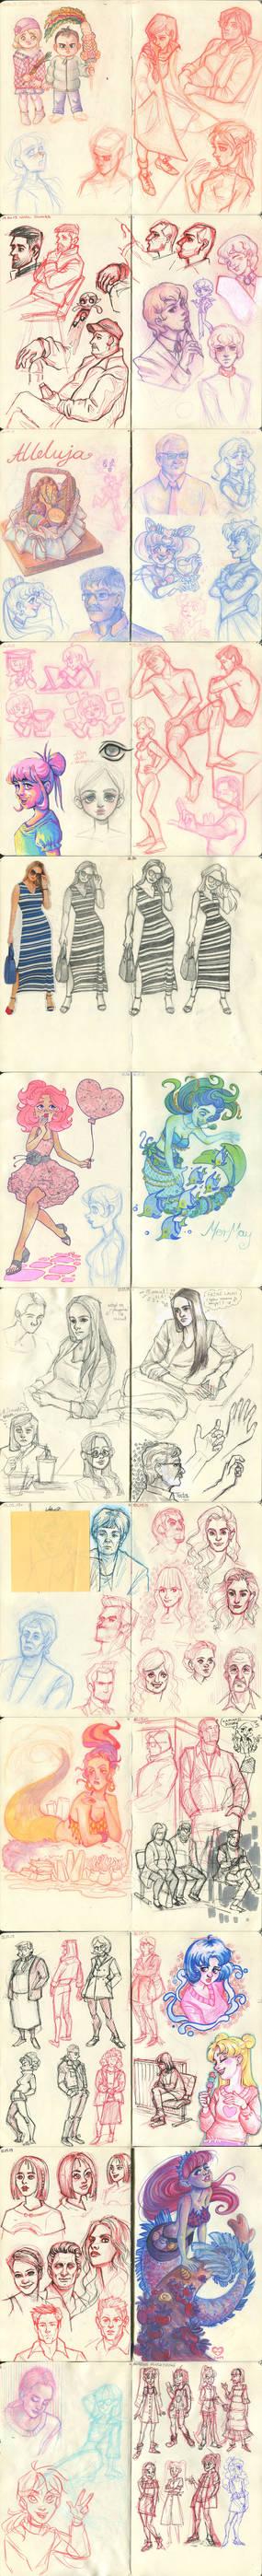 My sketchbook 52